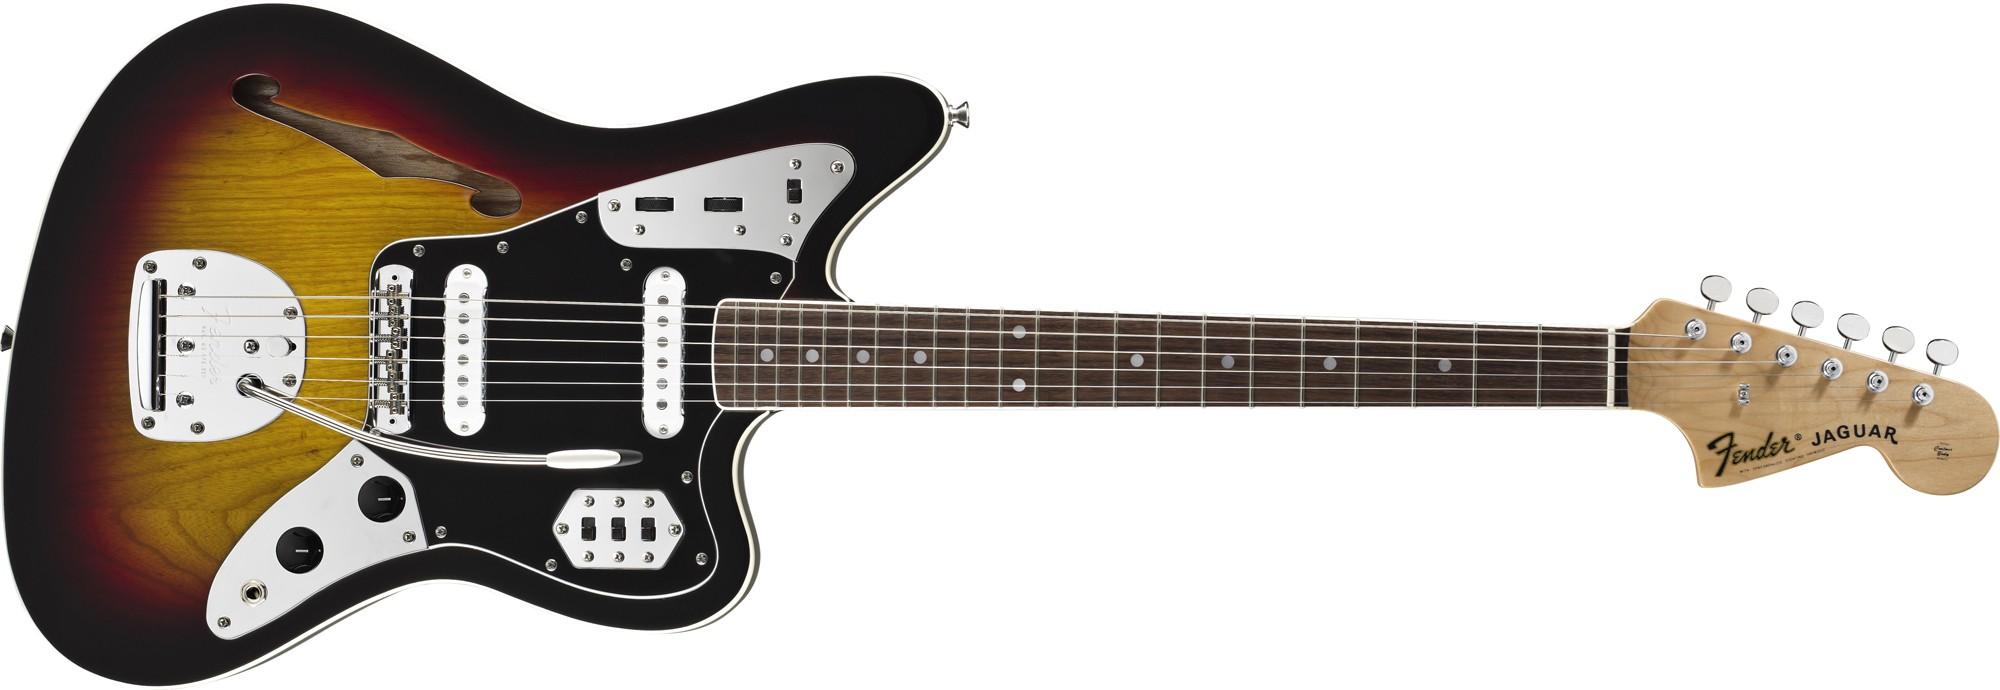 Fender Special Edition Jaguar Thinline Japon